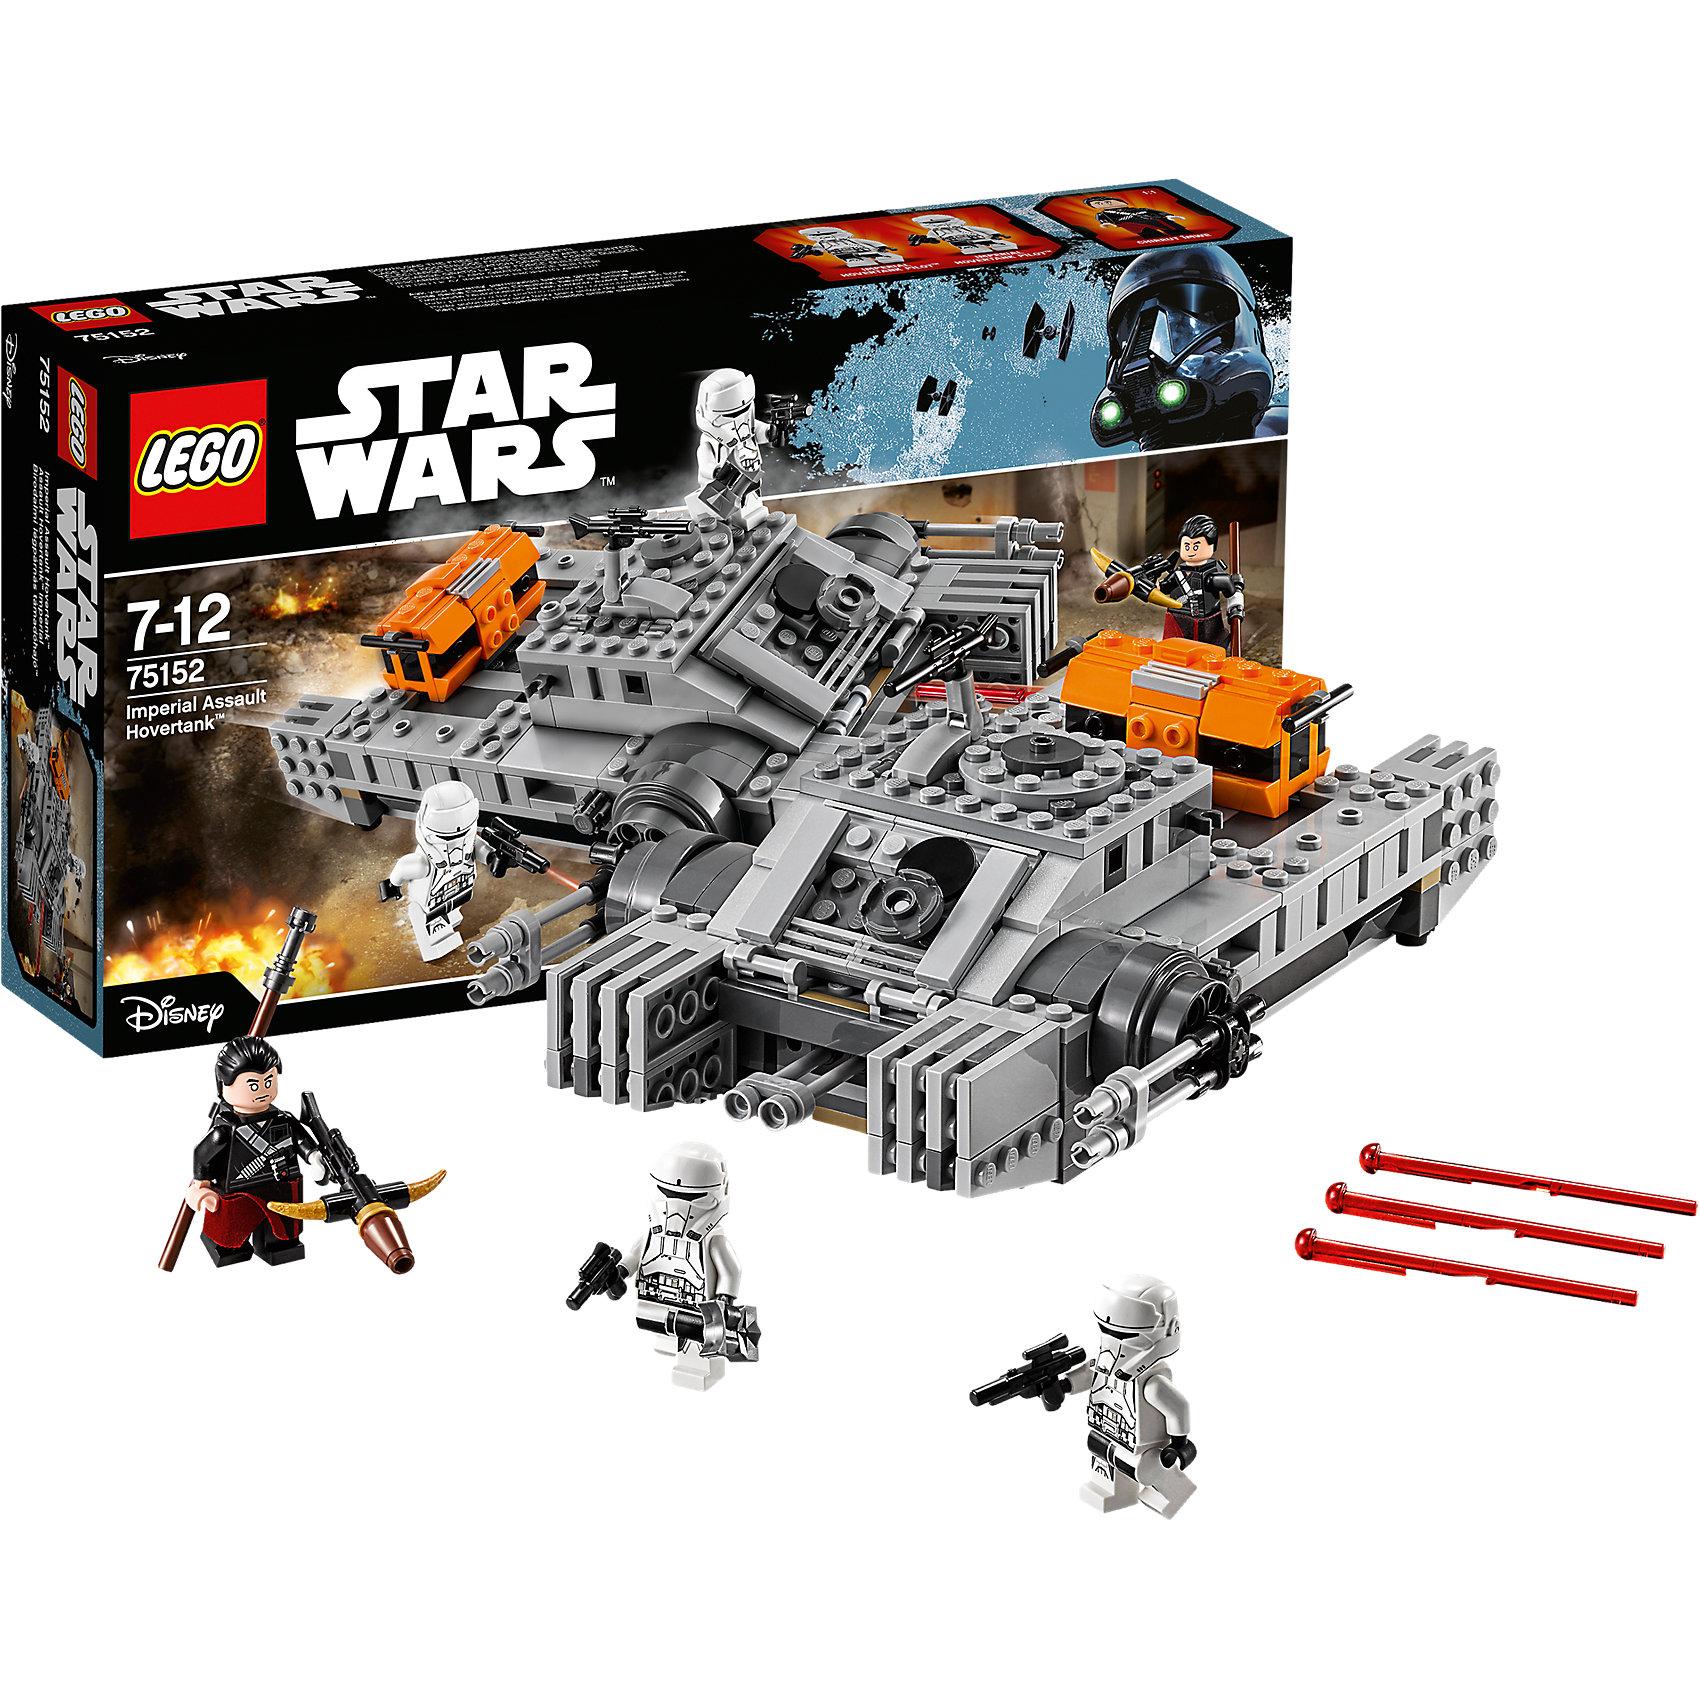 LEGO Star Wars 75152: Имперский штурмовой танкПластмассовые конструкторы<br>Фильм Звездные войны обожают современные дети. Подарите им возможность играть с героями из любимого фильма, воссоздавая боевые сцены из кино или придумывая свои! Эти фигурки подвижны, состоят из деталей, поэтому детям с ними играть очень интересно. <br>Одна игрушка - только часть большой коллекции LEGO Star Wars, поэтому детям будет интересно еще и коллекционировать разные фигурки и наборы. Такие игрушки помогают ребенку развивать мелкую моторику, воображение и творческое мышление! Материалы, использованные при изготовлении игрушек, полностью безопасны для детей и отвечают всем требованиям по качеству.<br><br>Дополнительная информация:<br><br>цвет: разноцветный;<br>материал: пластик;<br>деталей: 385, 3 фигурки.<br><br>LEGO Star Wars 75152: Имперский штурмовой танк можно приобрести в нашем магазине.<br><br>Ширина мм: 353<br>Глубина мм: 189<br>Высота мм: 74<br>Вес г: 539<br>Возраст от месяцев: 84<br>Возраст до месяцев: 144<br>Пол: Мужской<br>Возраст: Детский<br>SKU: 4641271